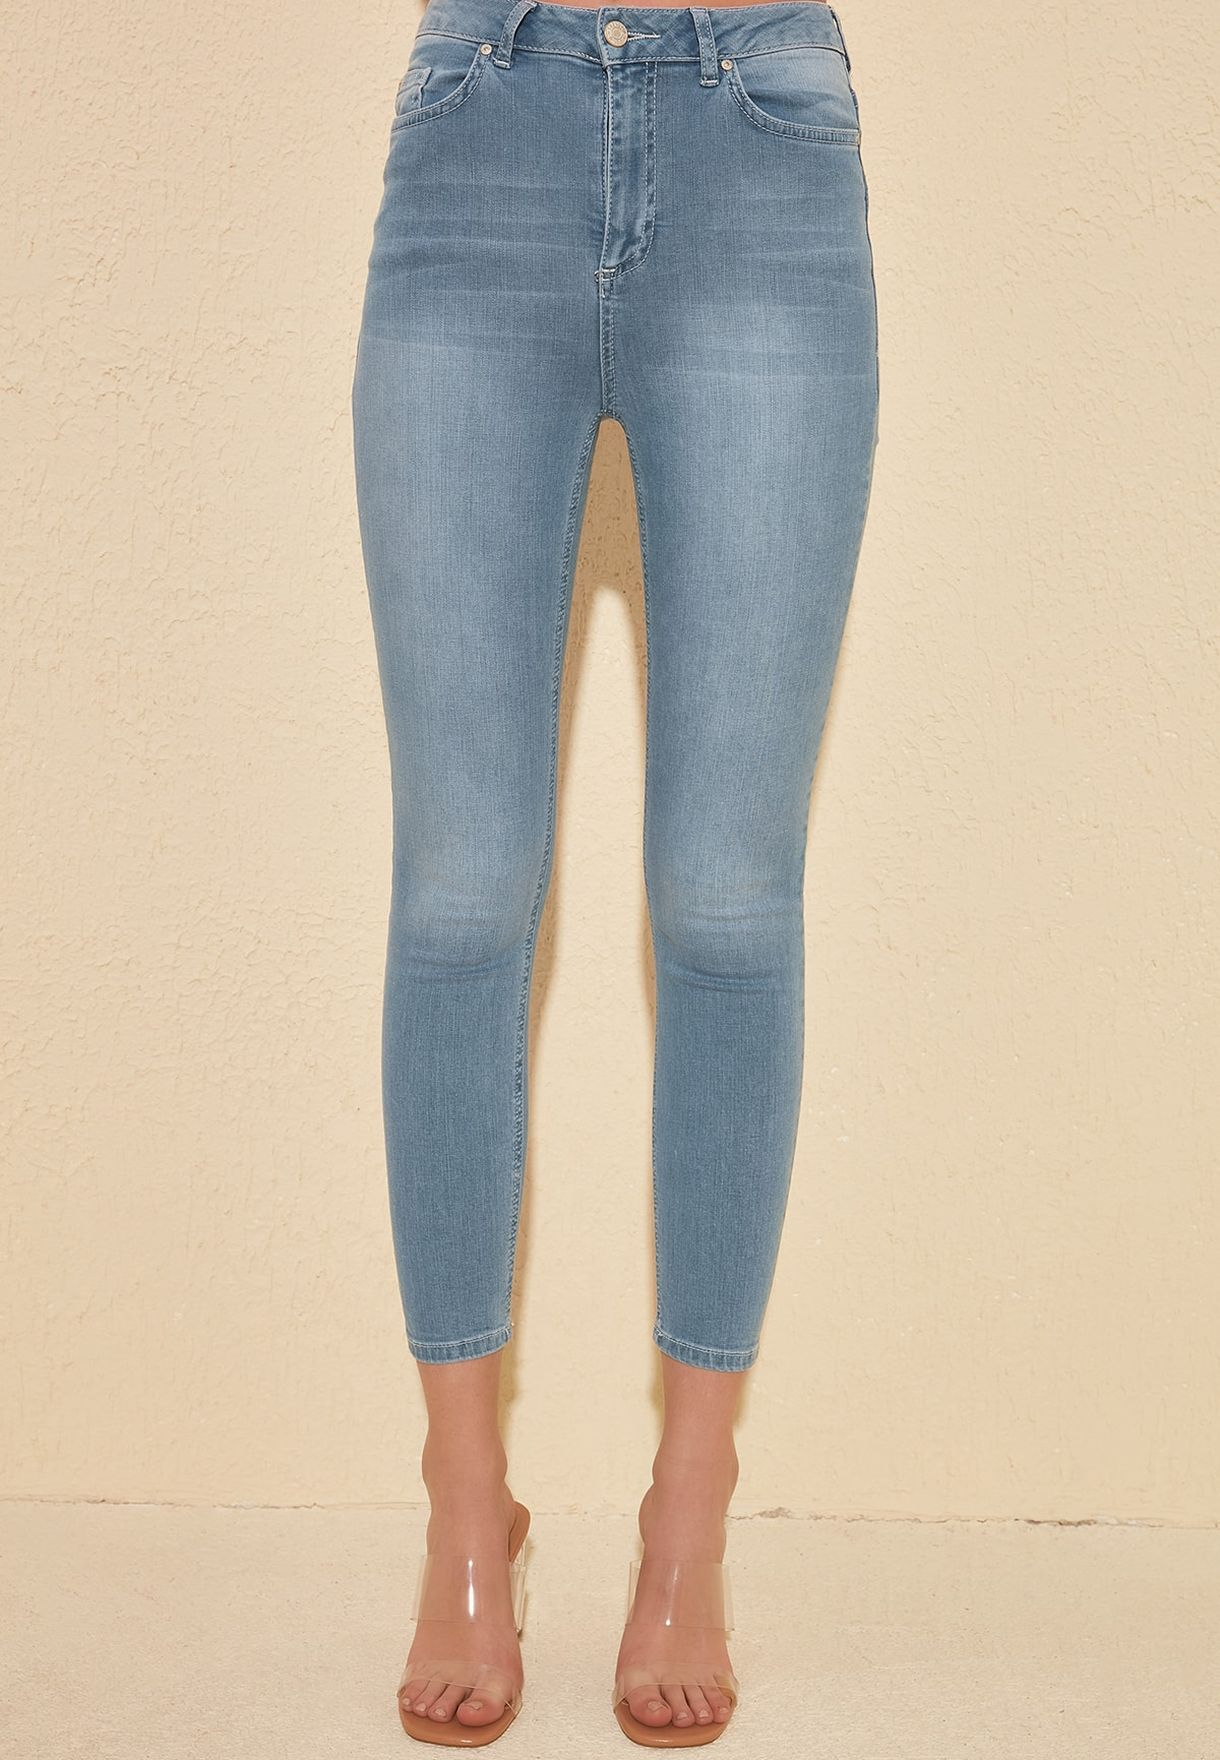 جينز بخصر عالي وحوف واسعة